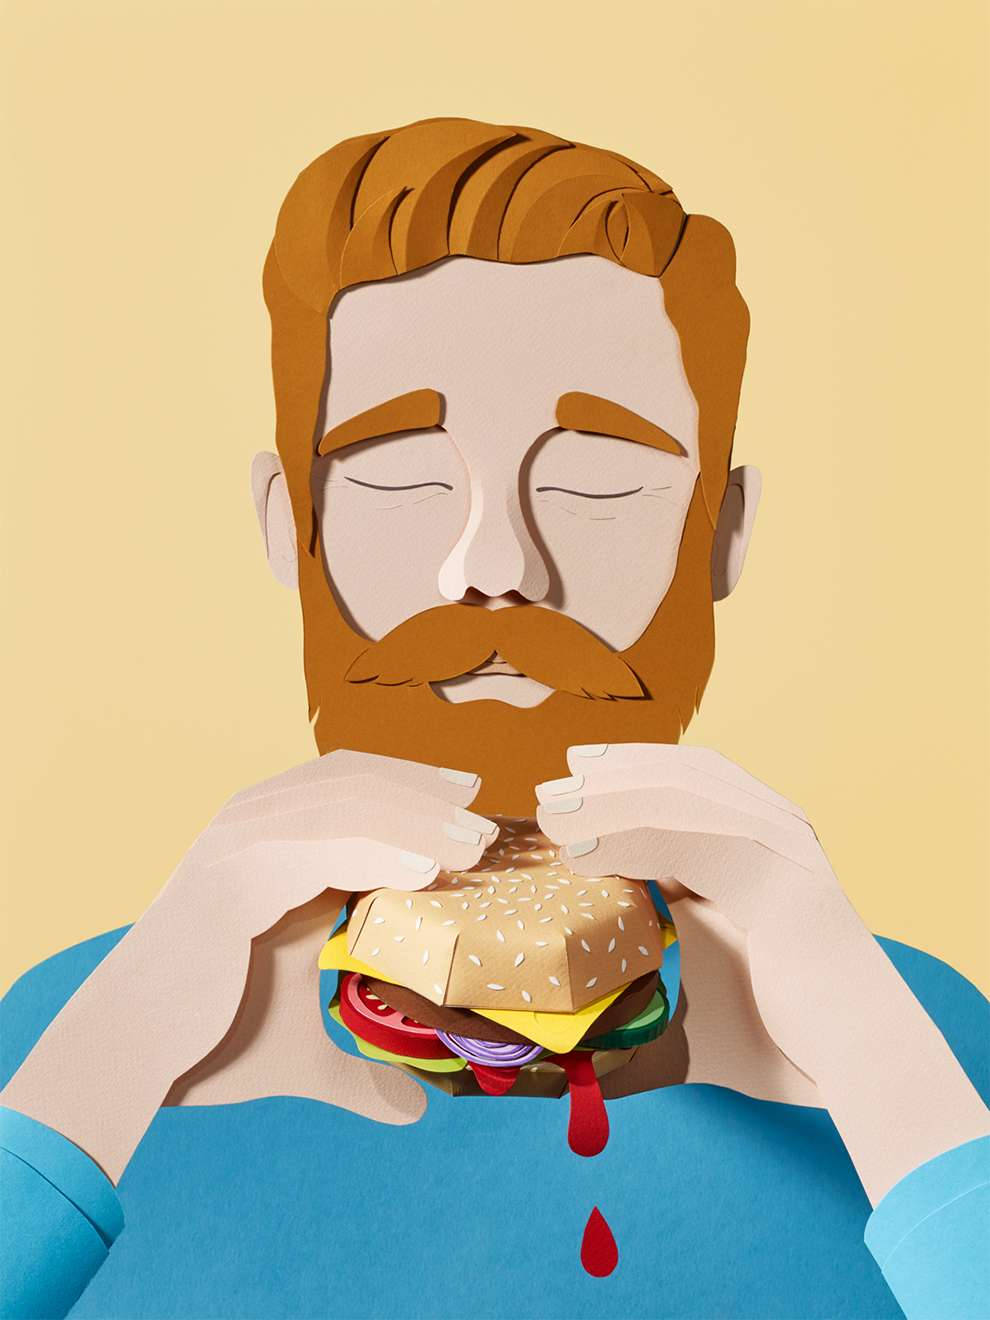 WRK, Paper illustration of a man eating a burger